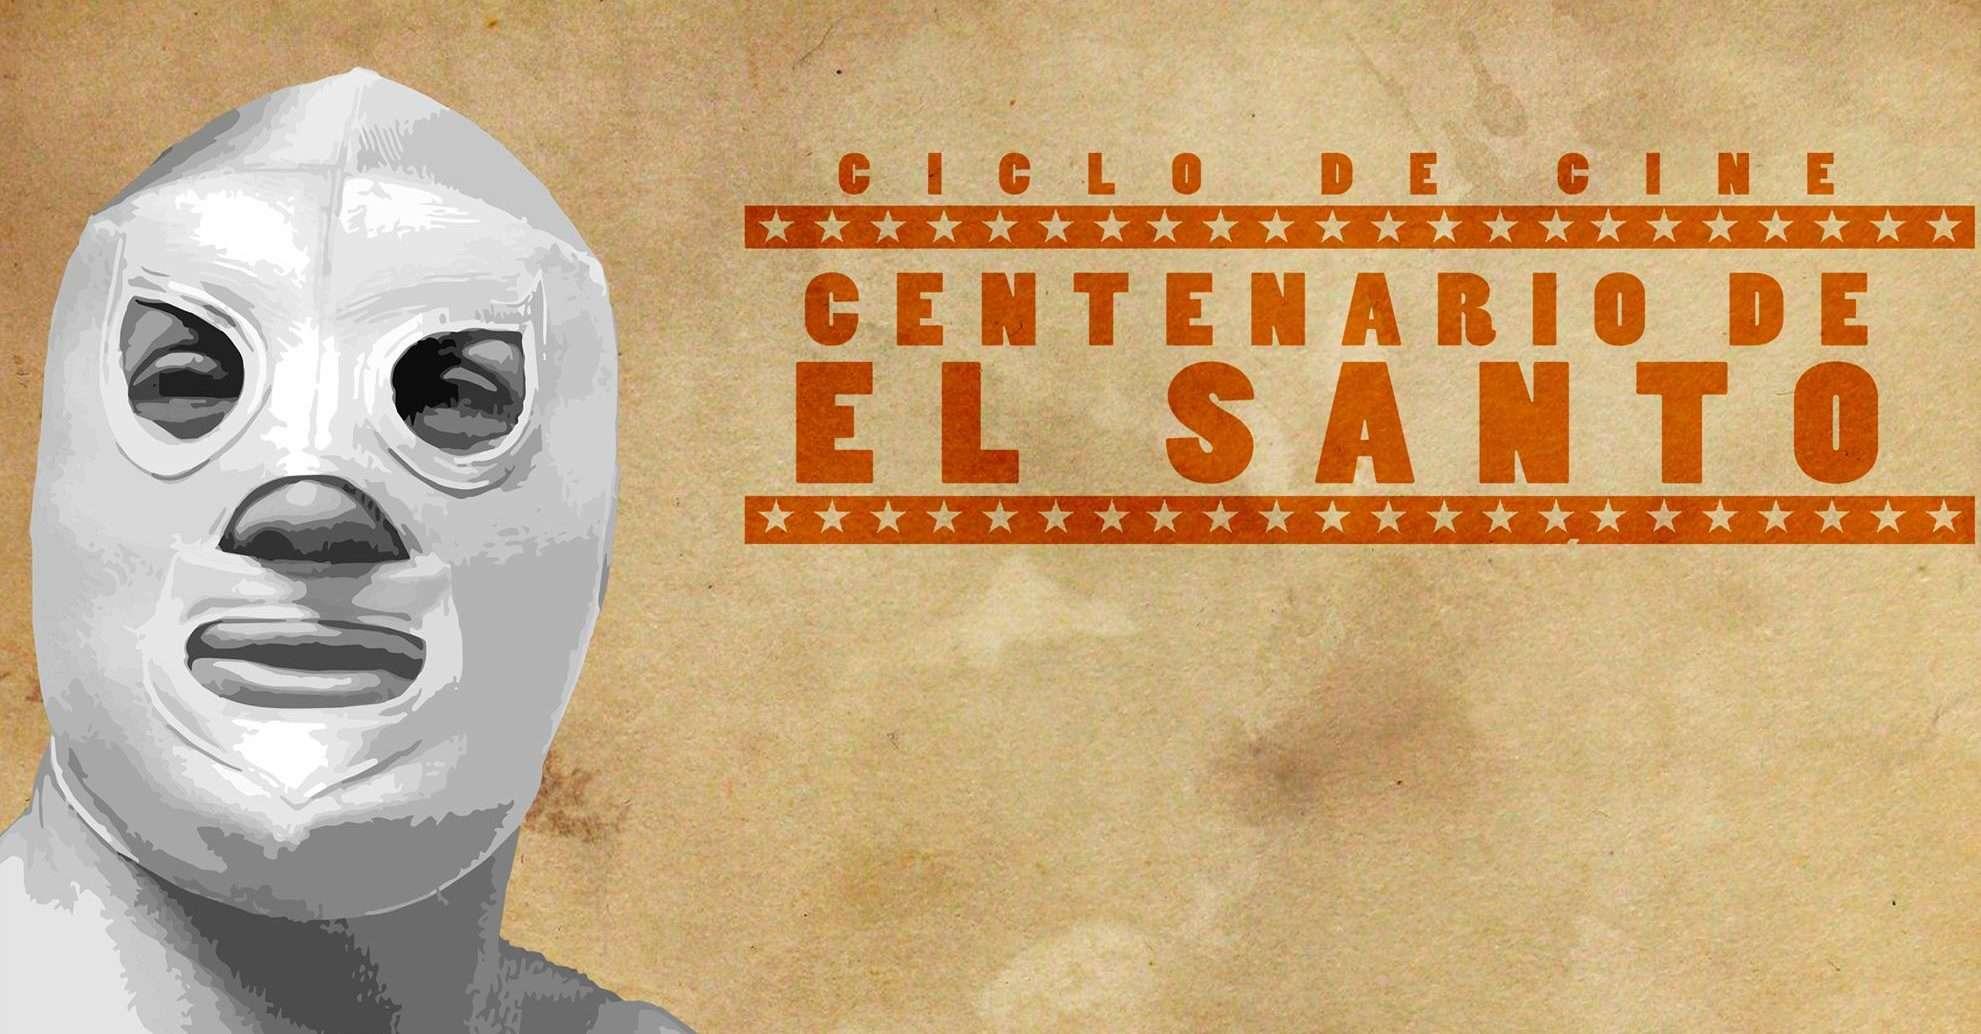 Celebran el centenario del Santo con ciclo de cine en el Faro Aragón 17